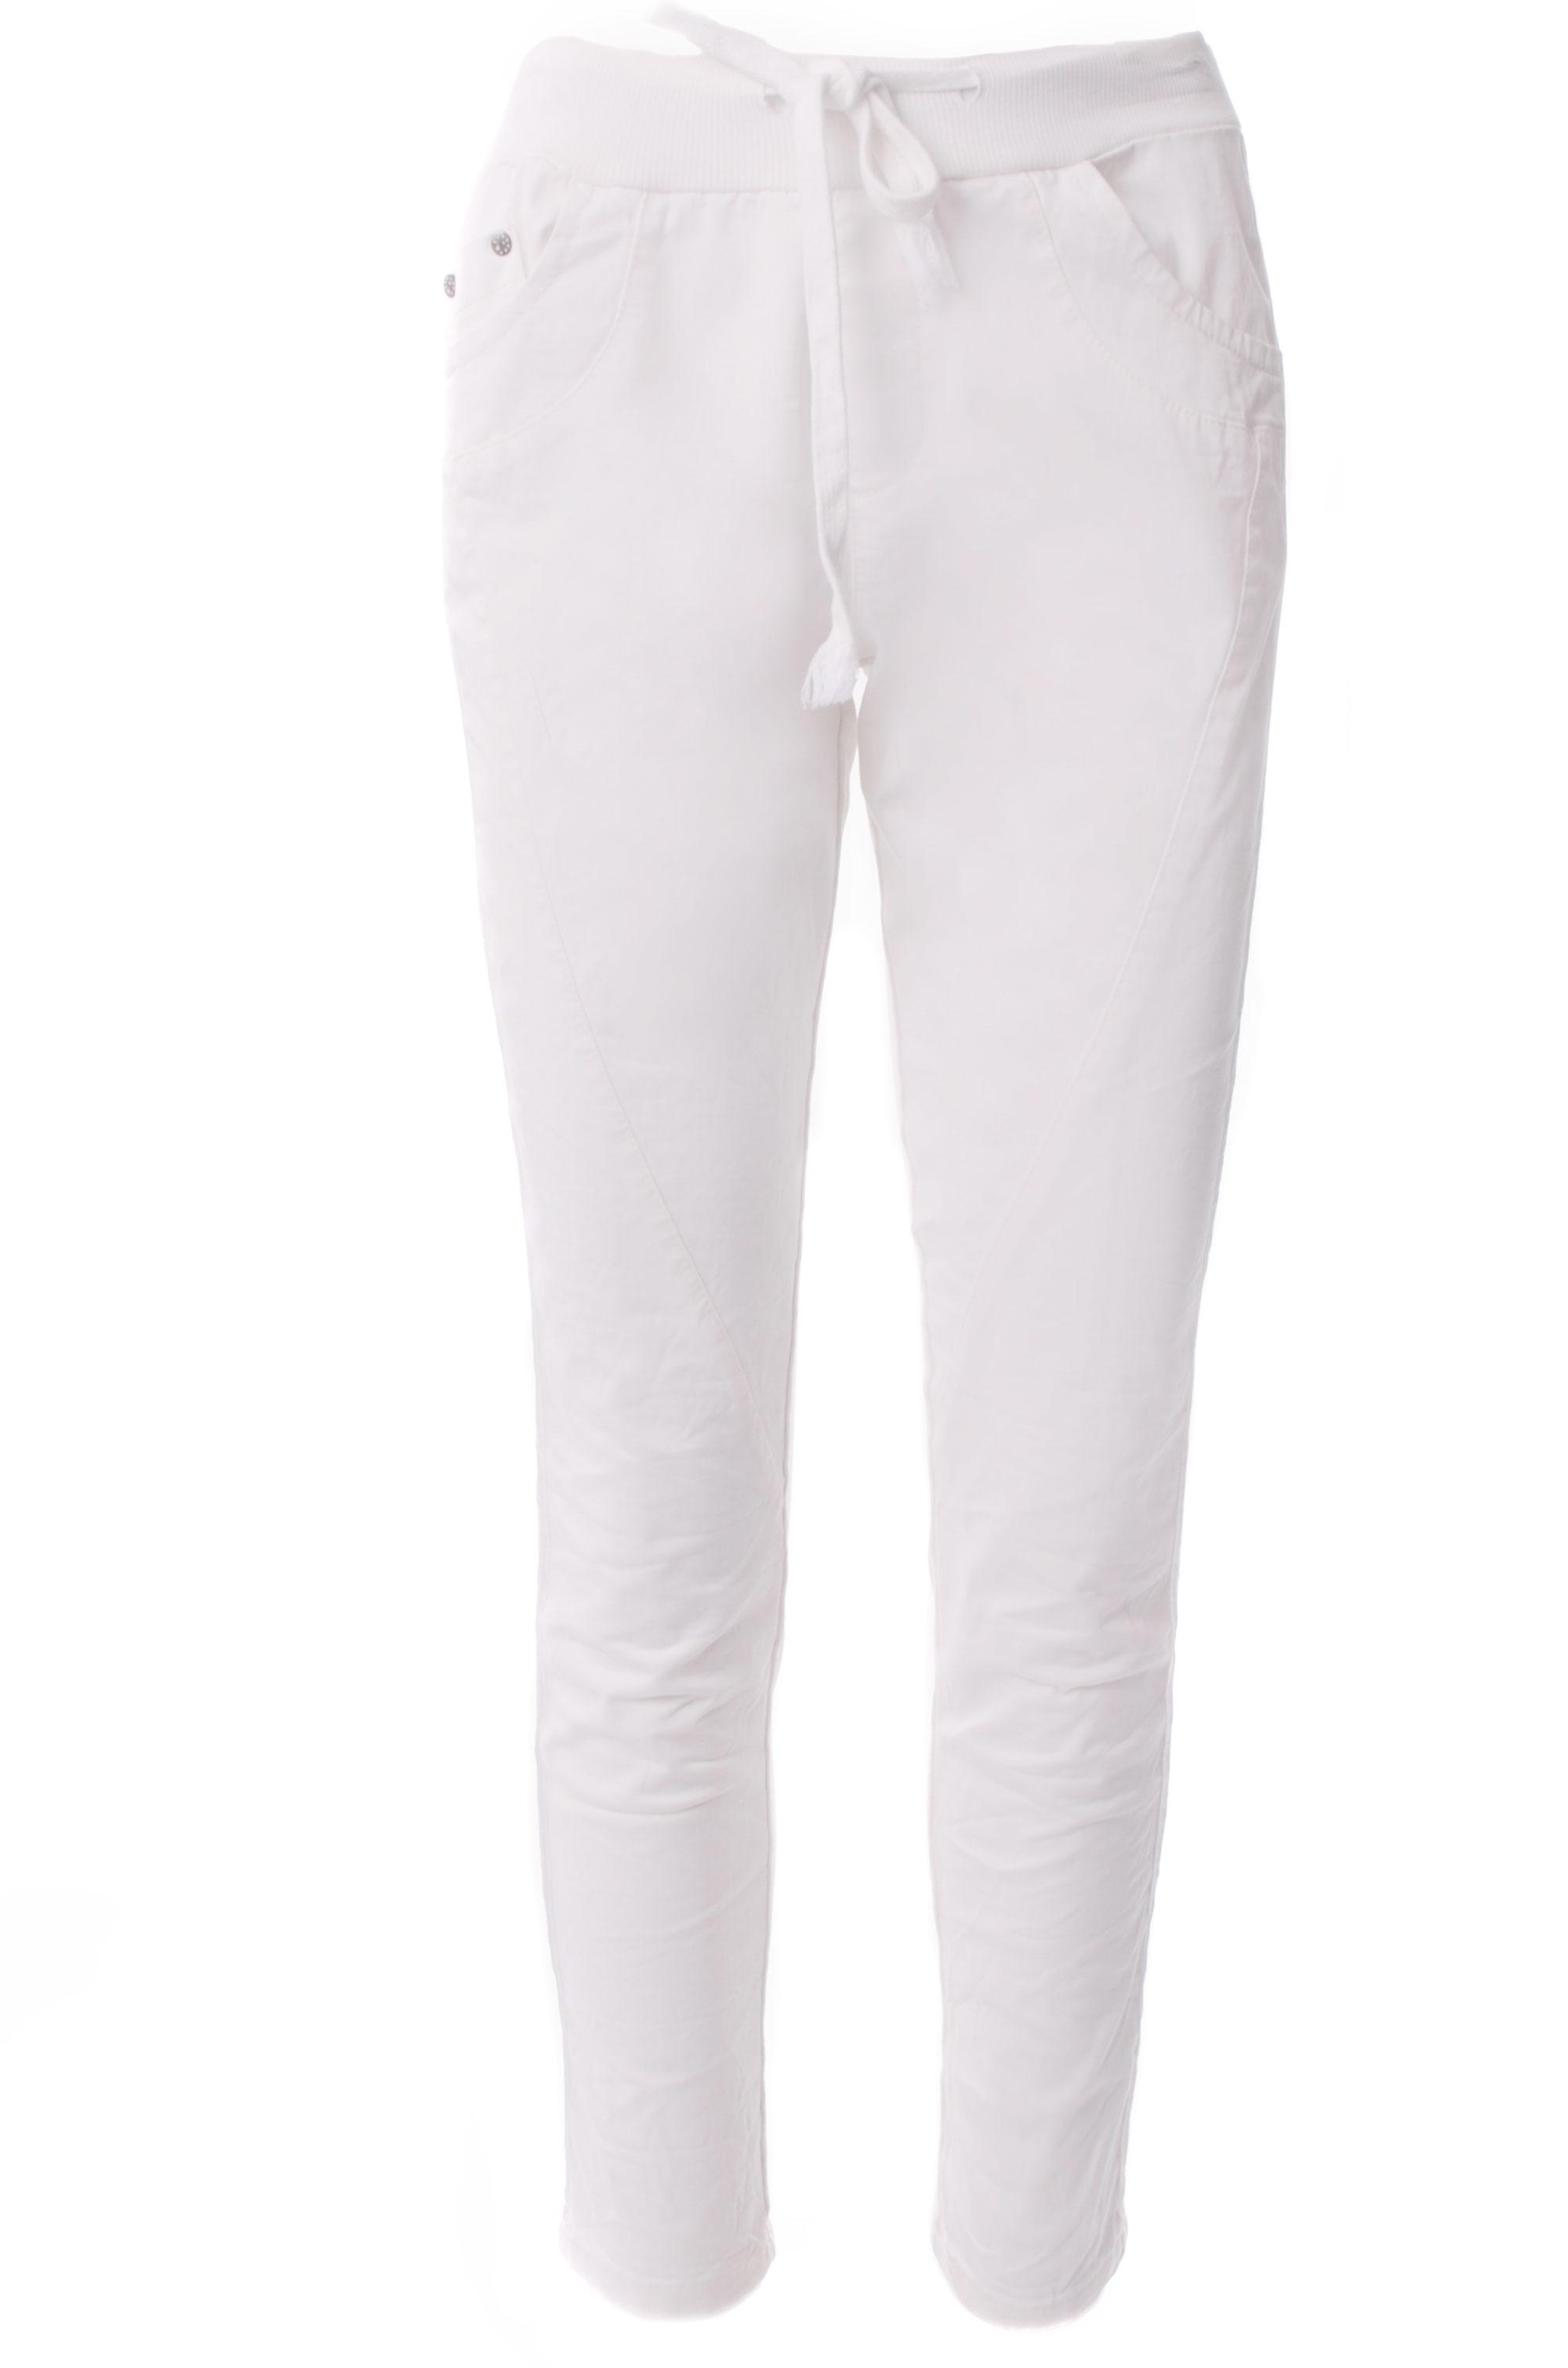 Spodnie - 146-178105 BI - Unisono